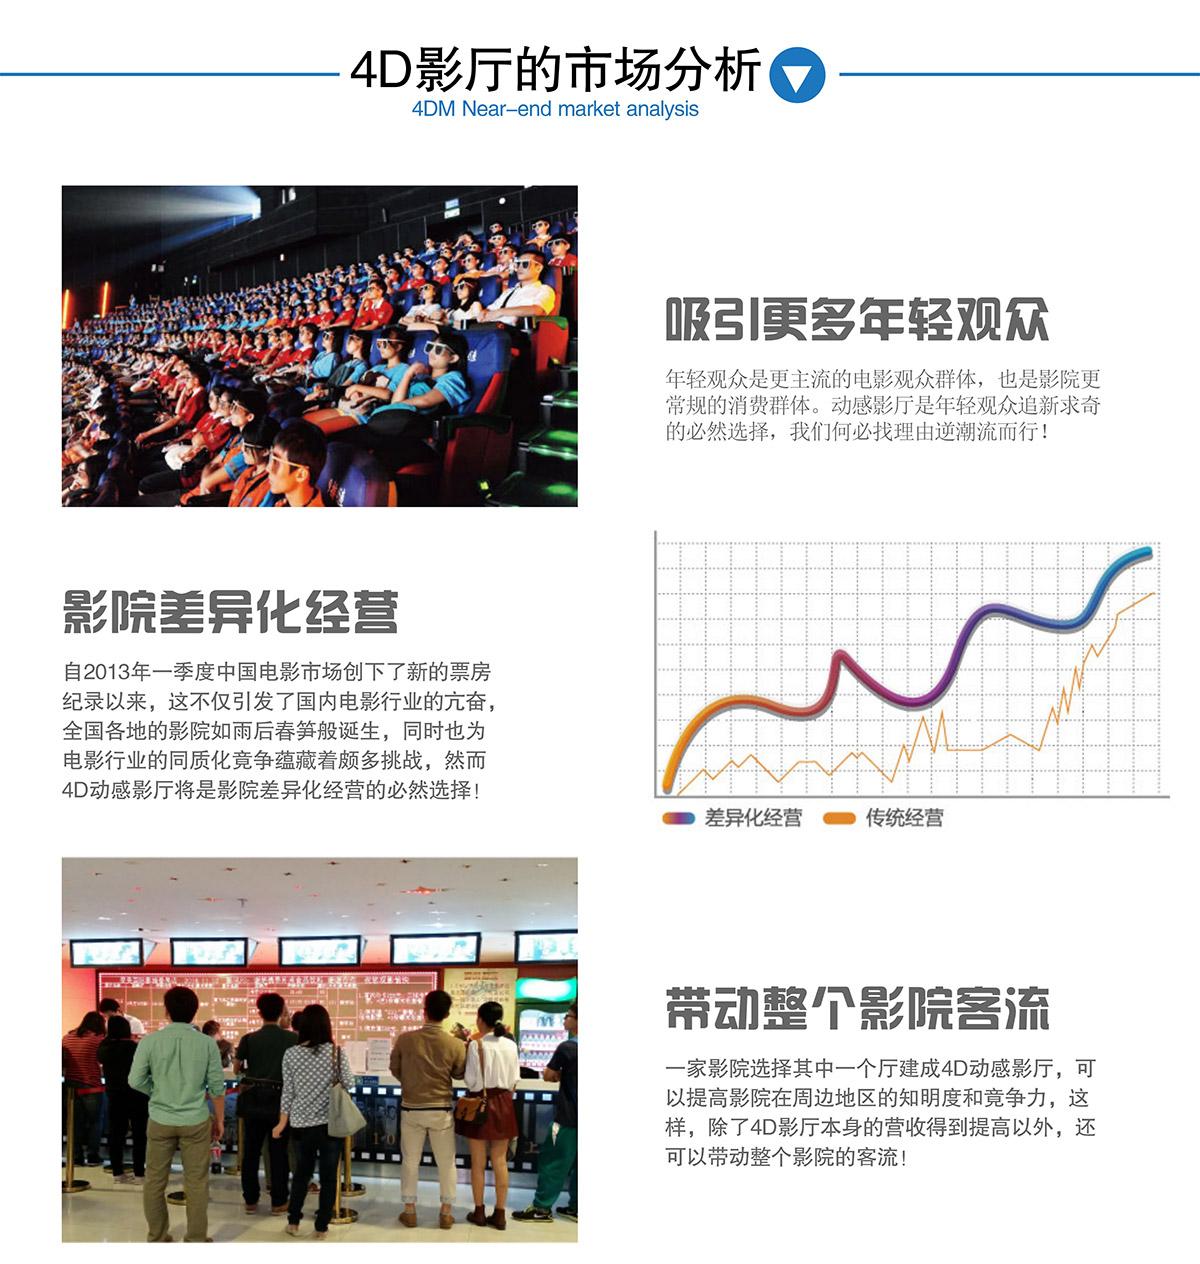 安全体验4DM影厅的市场分析.jpg